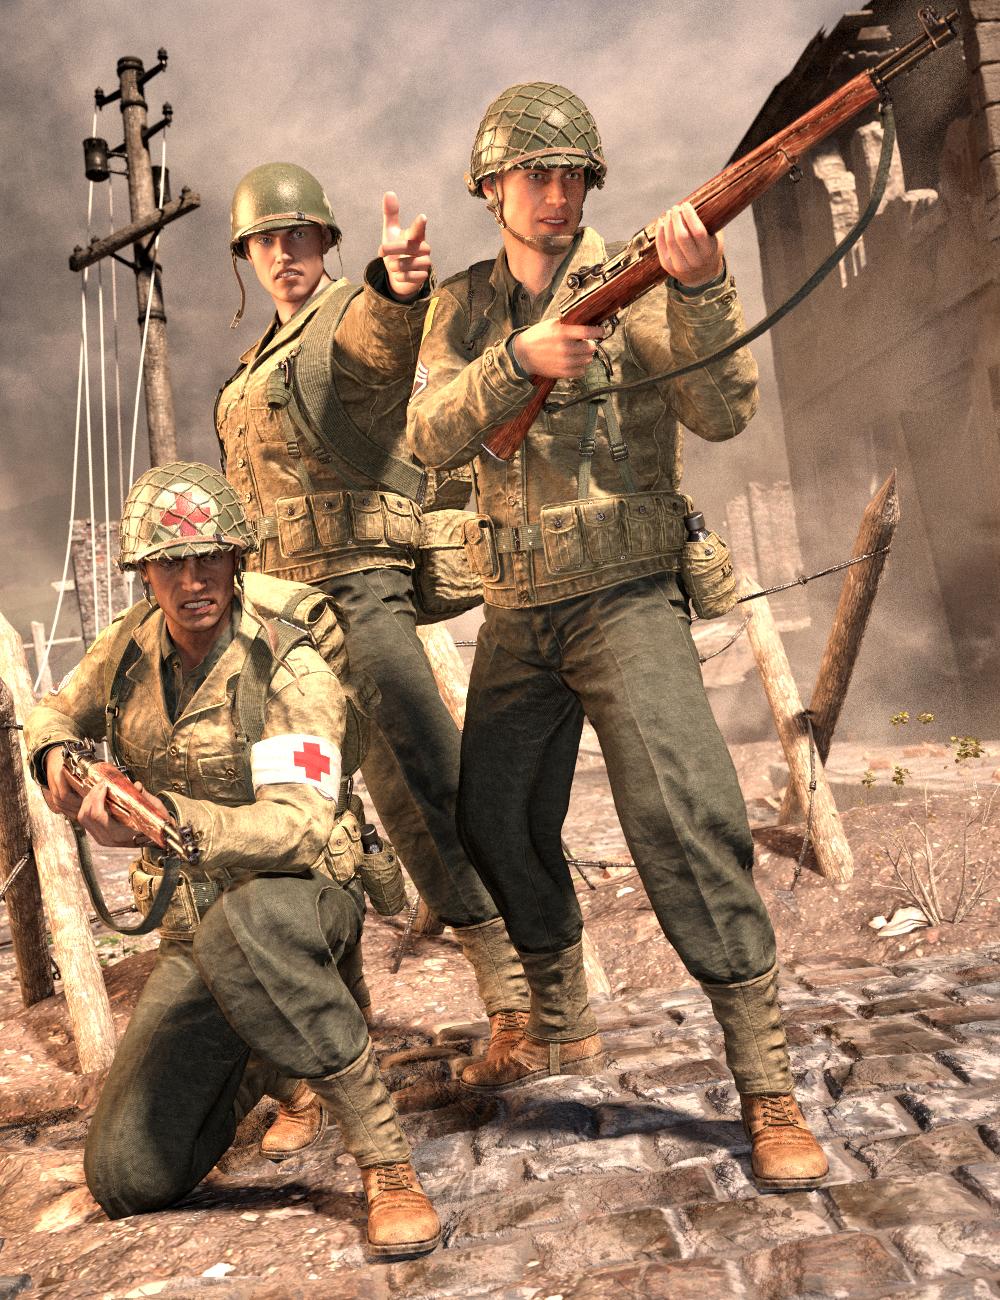 World War II U.S. Uniform HD for Genesis 8 Male(s) by: Luthbel, 3D Models by Daz 3D